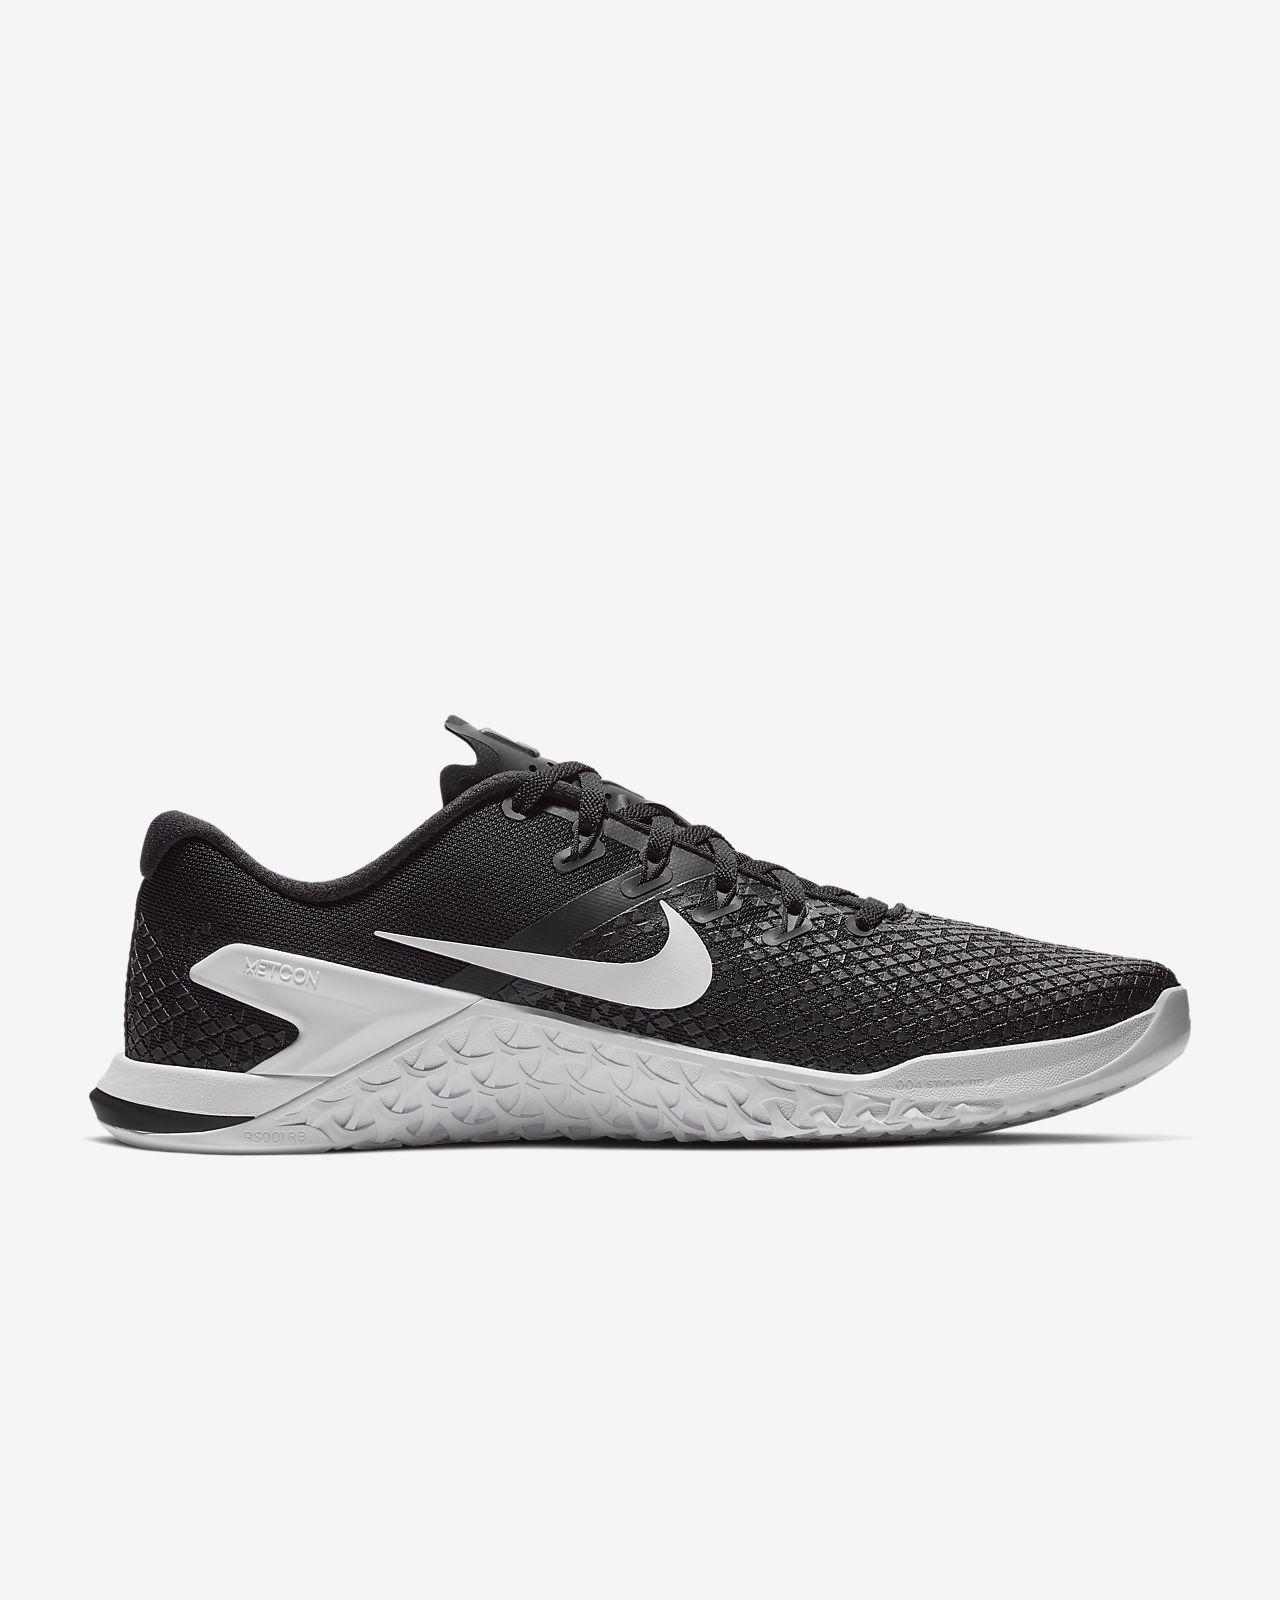 98fc3d52da ... Nike Metcon 4 XD Men s Cross-Training Weightlifting Shoe